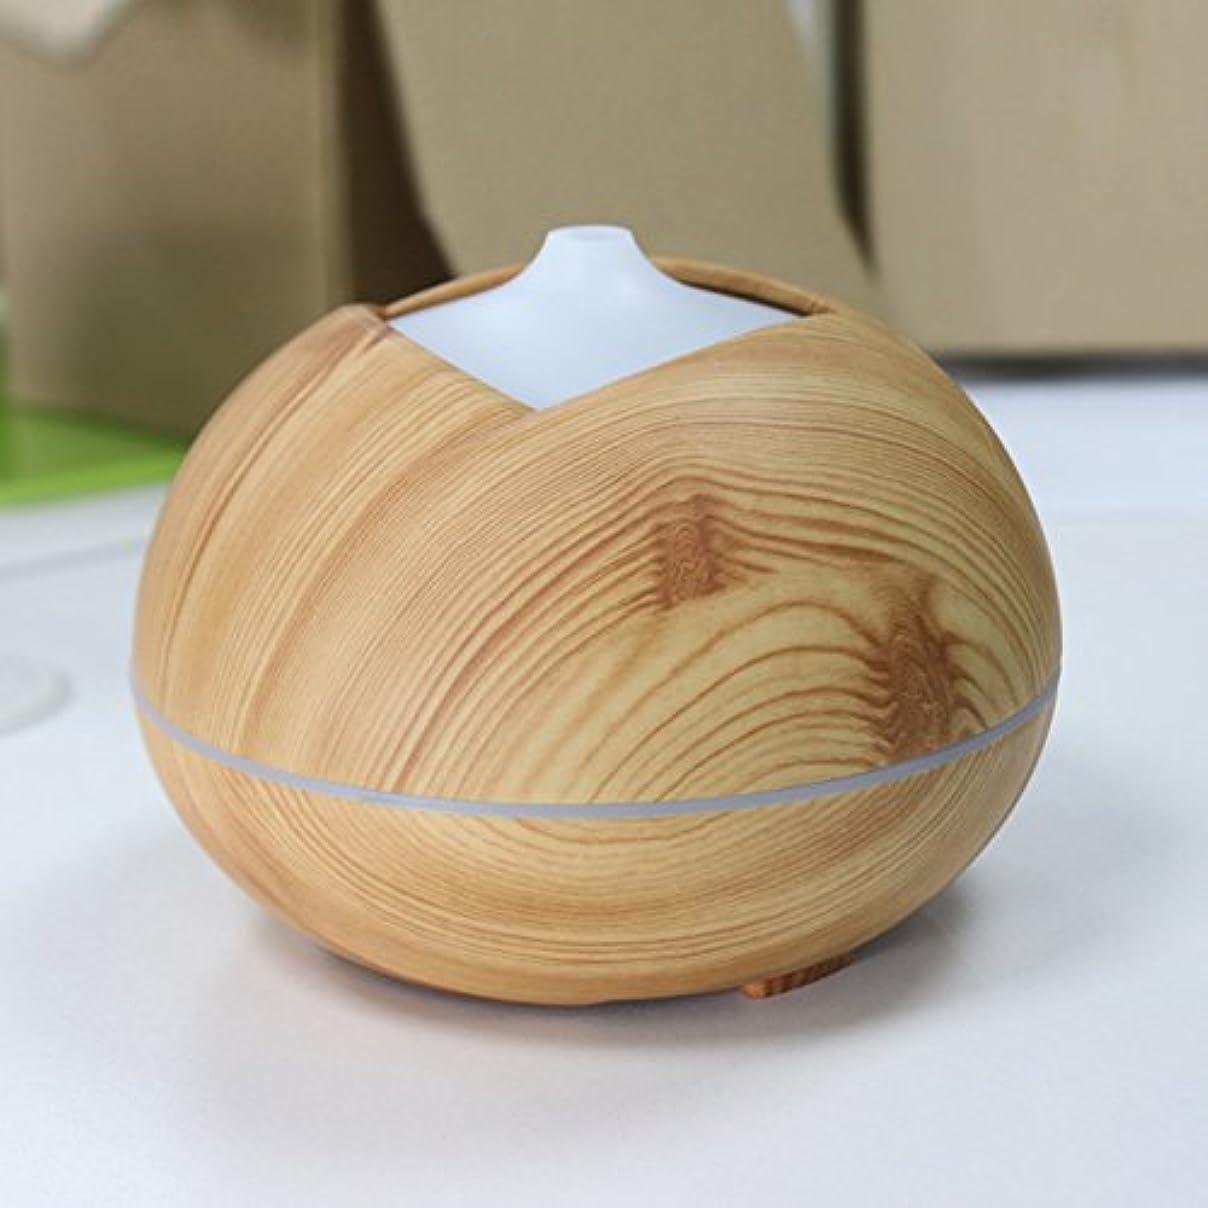 長老ご意見素人Yiding加湿器木製カラーCool Mist超音波アロマEssential Oil Diffuser for Officeホームベッドルーム